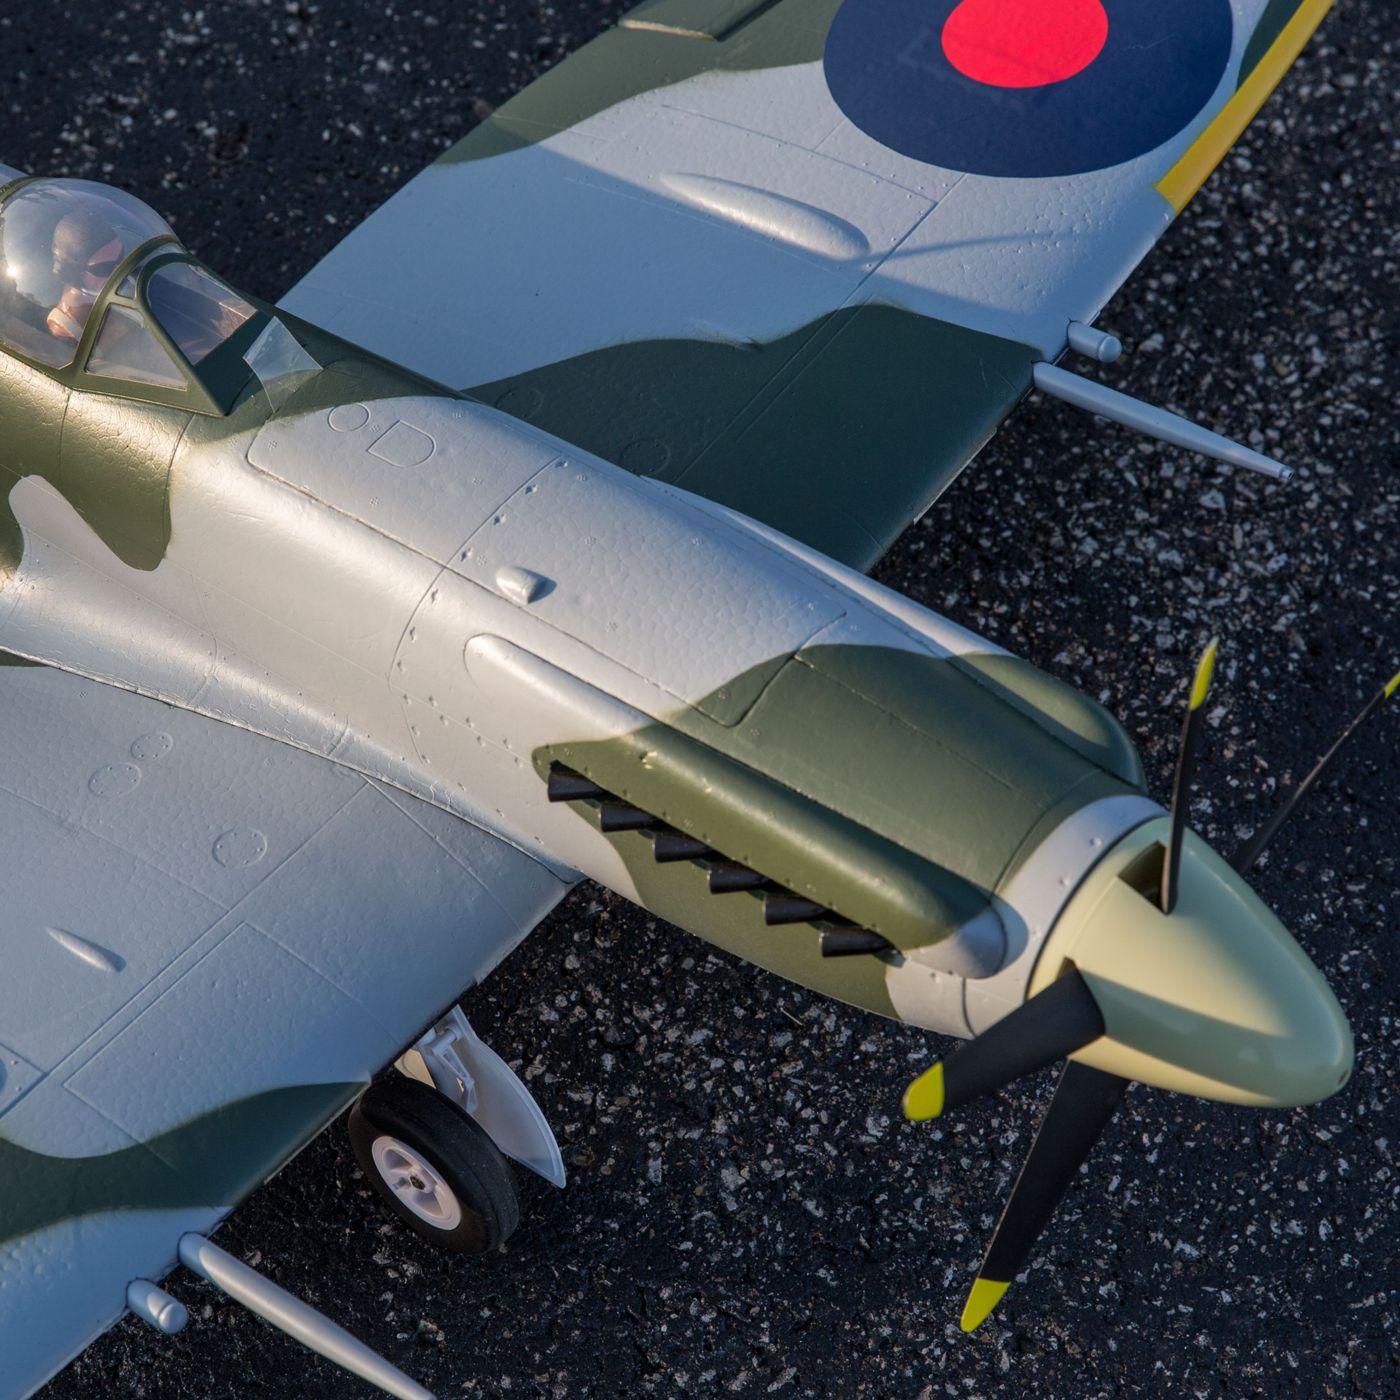 E-flite Spitfire MK Warbird bnf safe as3x 02